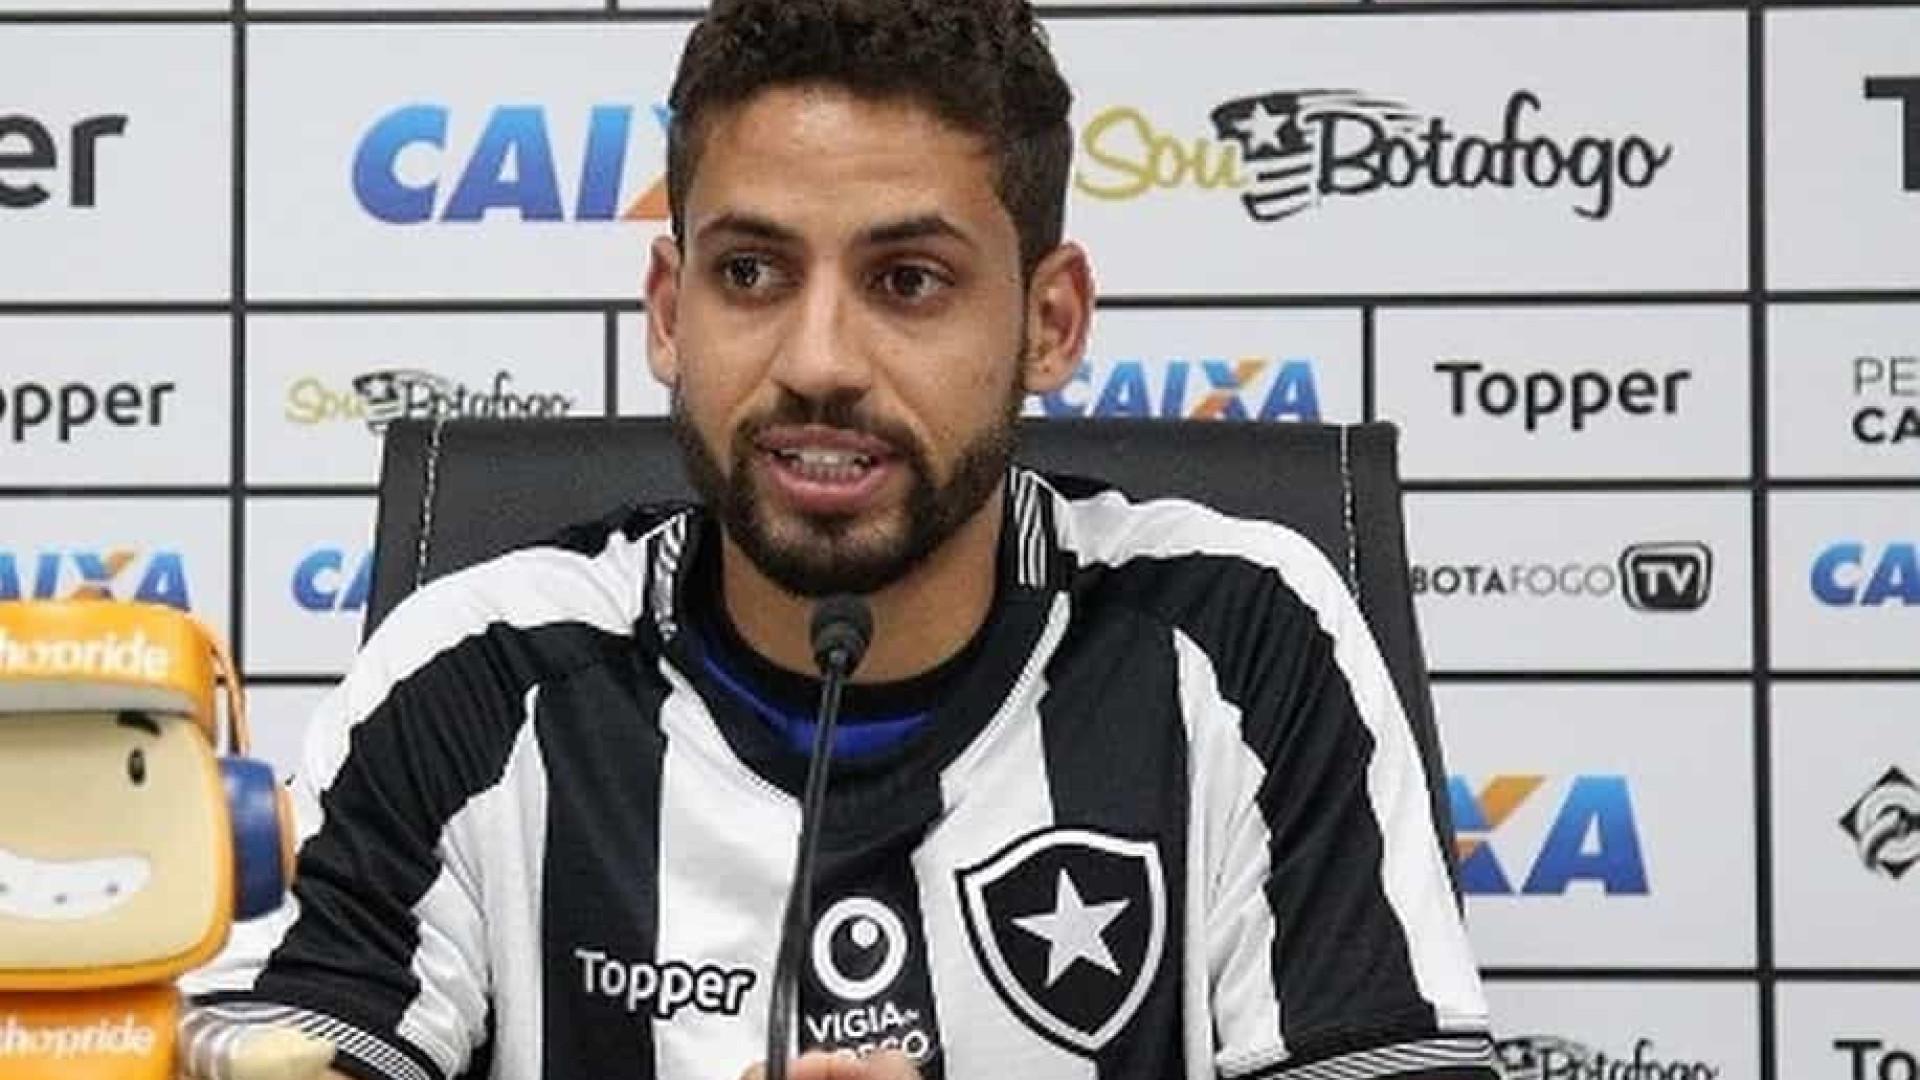 Gabriel cobra Botafogo após derrota: 'Trabalhar mais e falar menos'